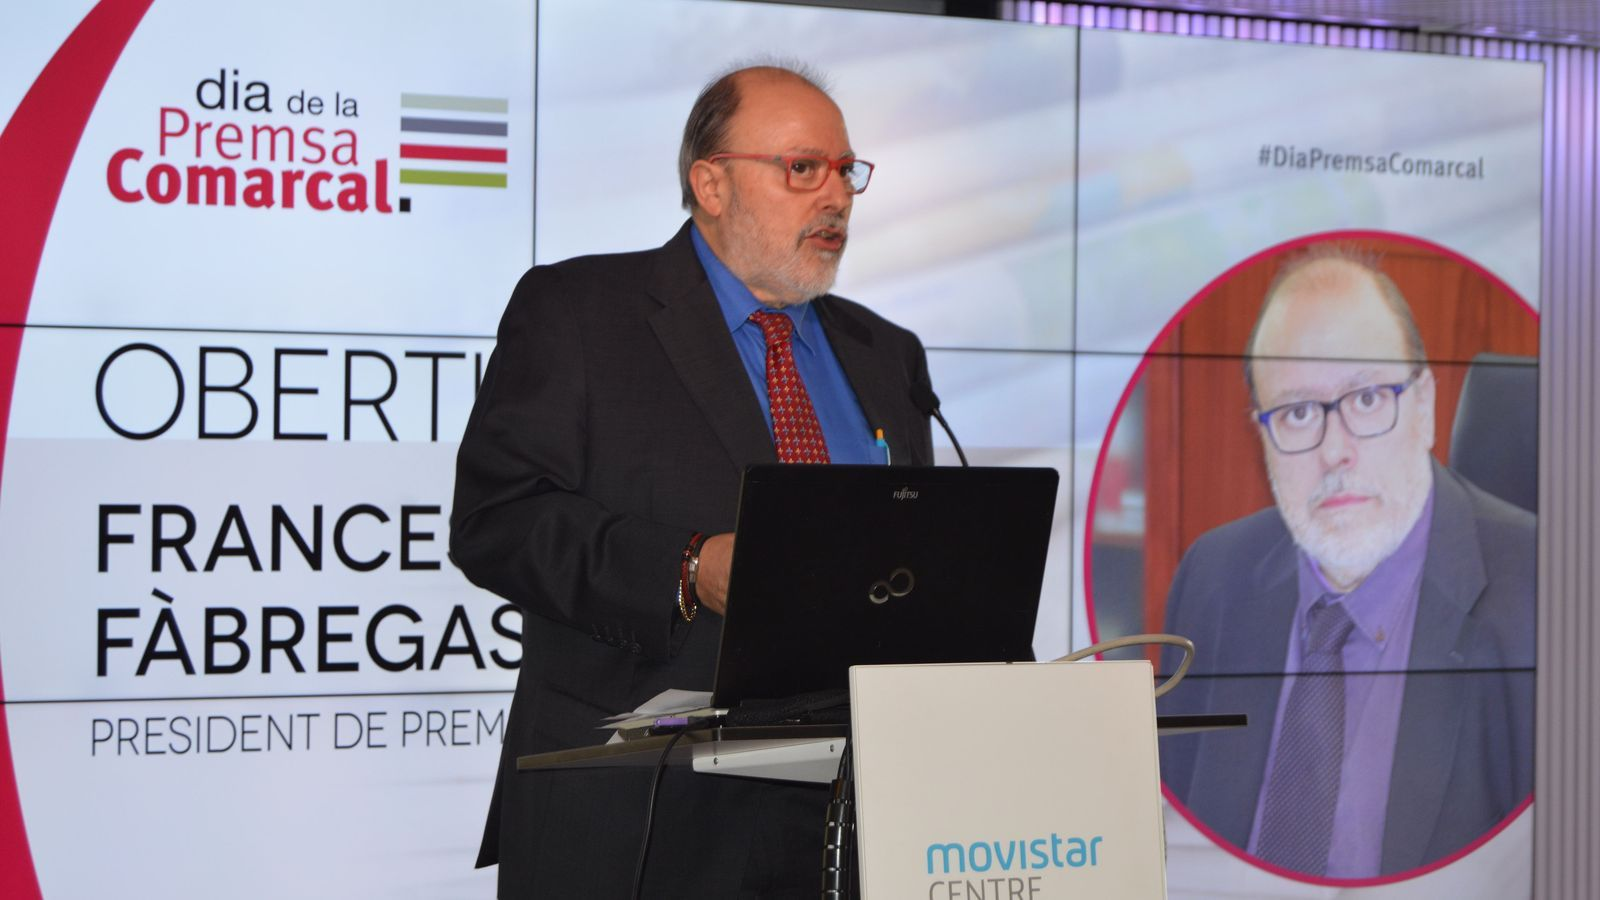 El president de l'Associació Catalana de Premsa Comarcal, Francesc Fàbregas